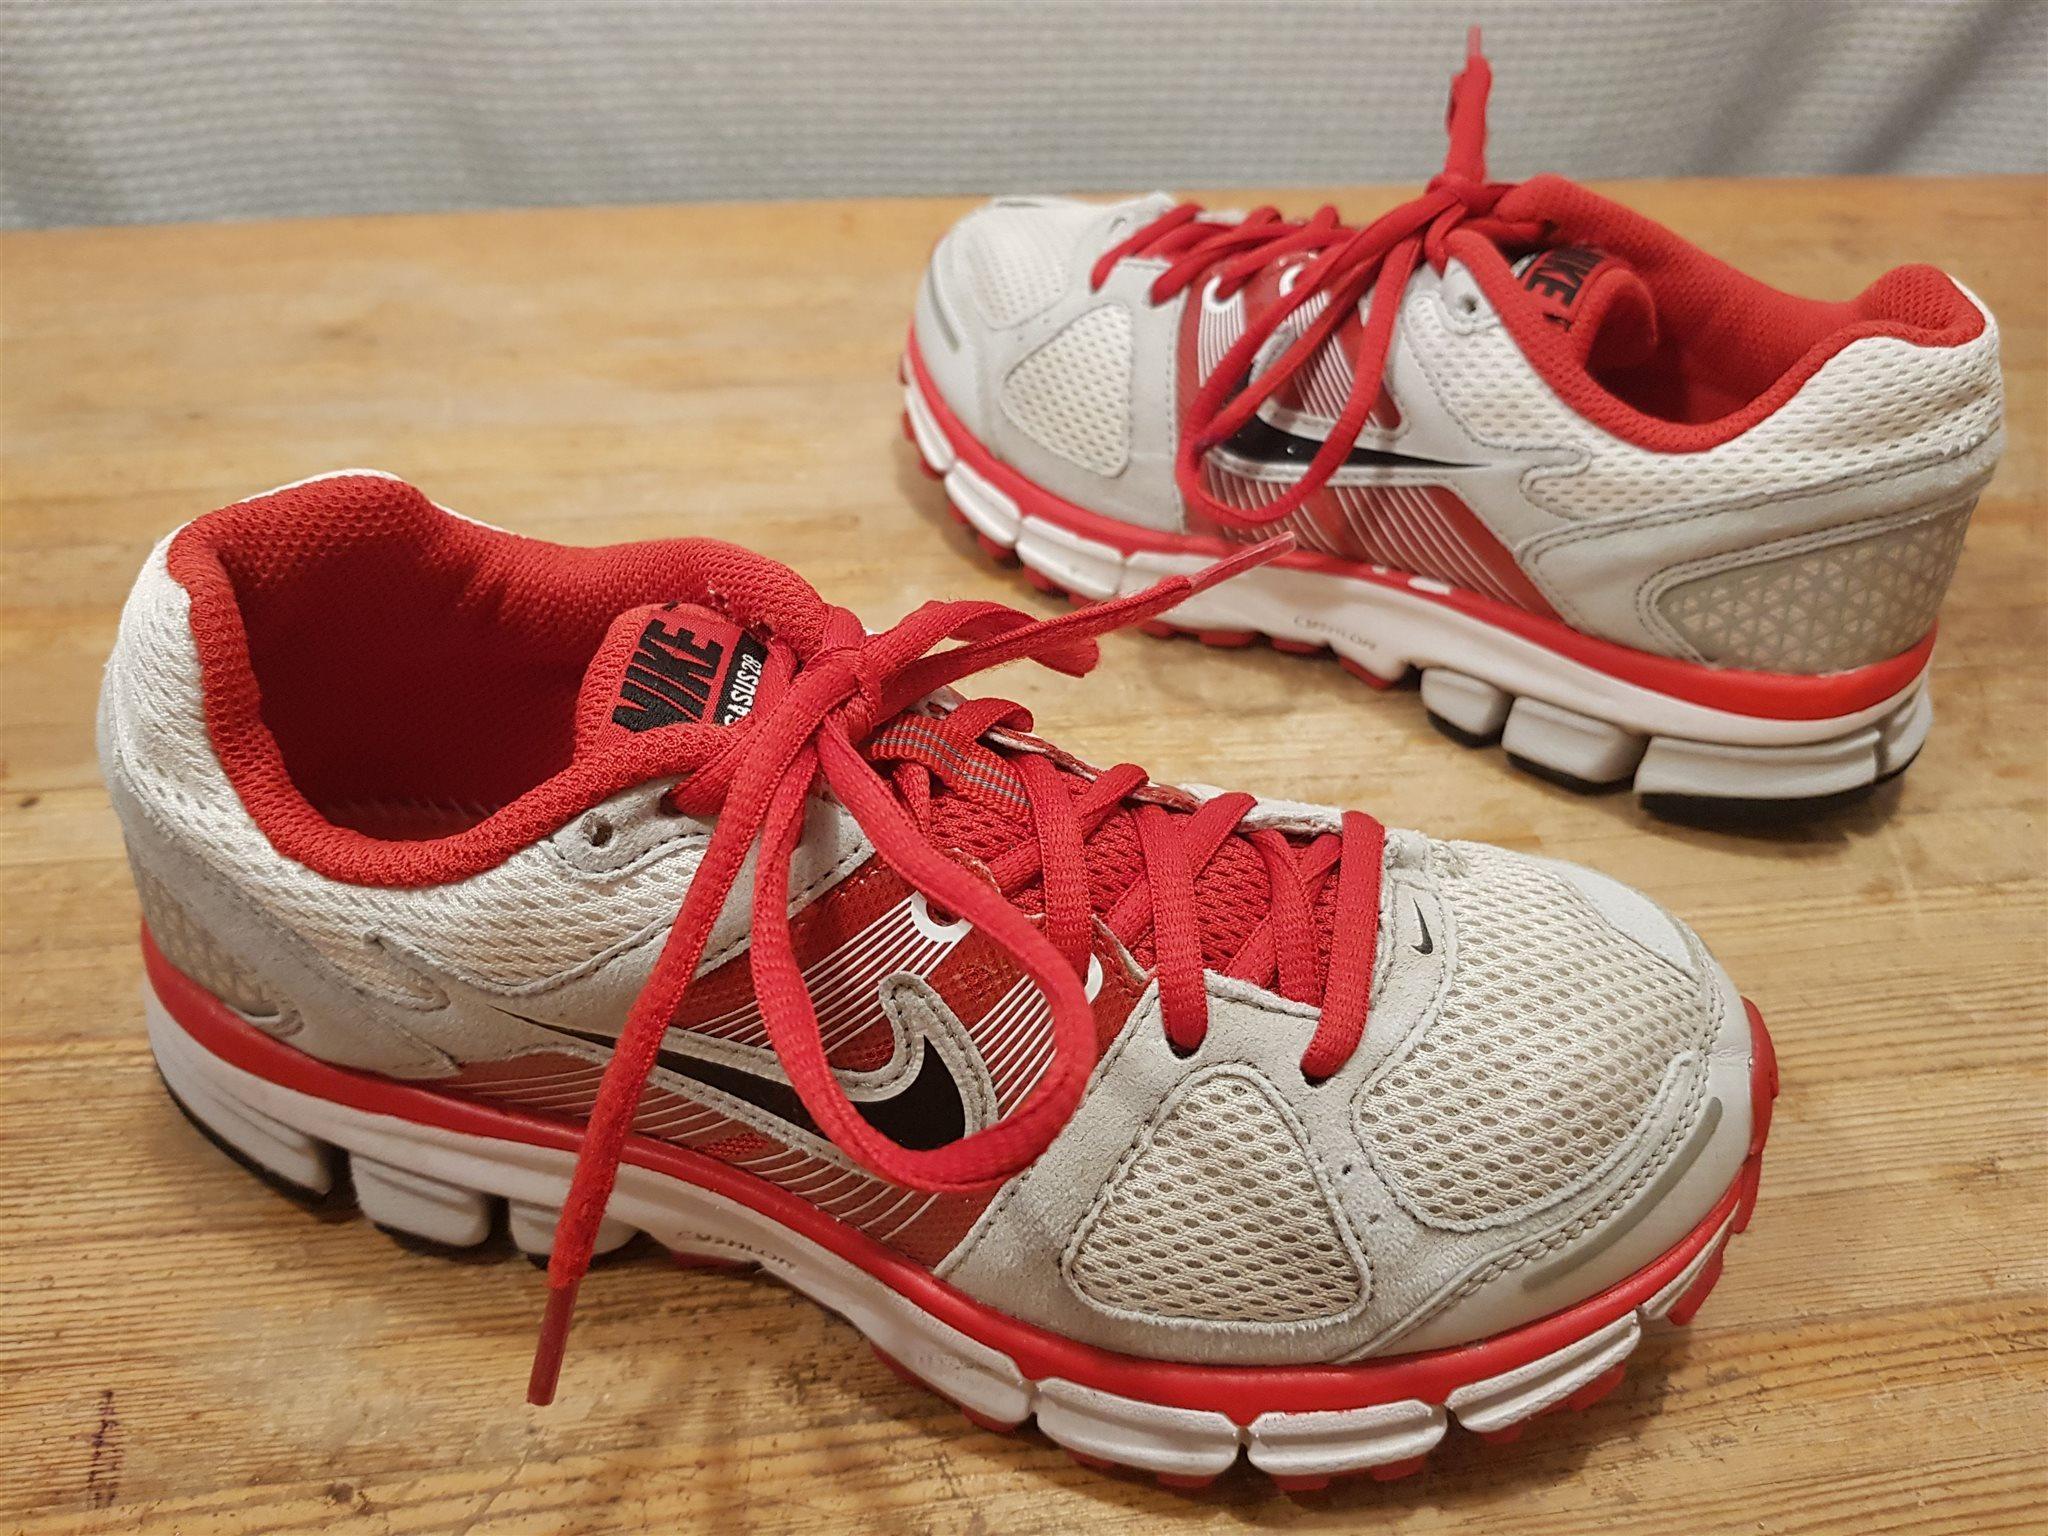 online store 6f752 5a2f4 Löparskor sportskor Nike Pegasus 28 Zoom Air Cushlon sneakers str 37,5